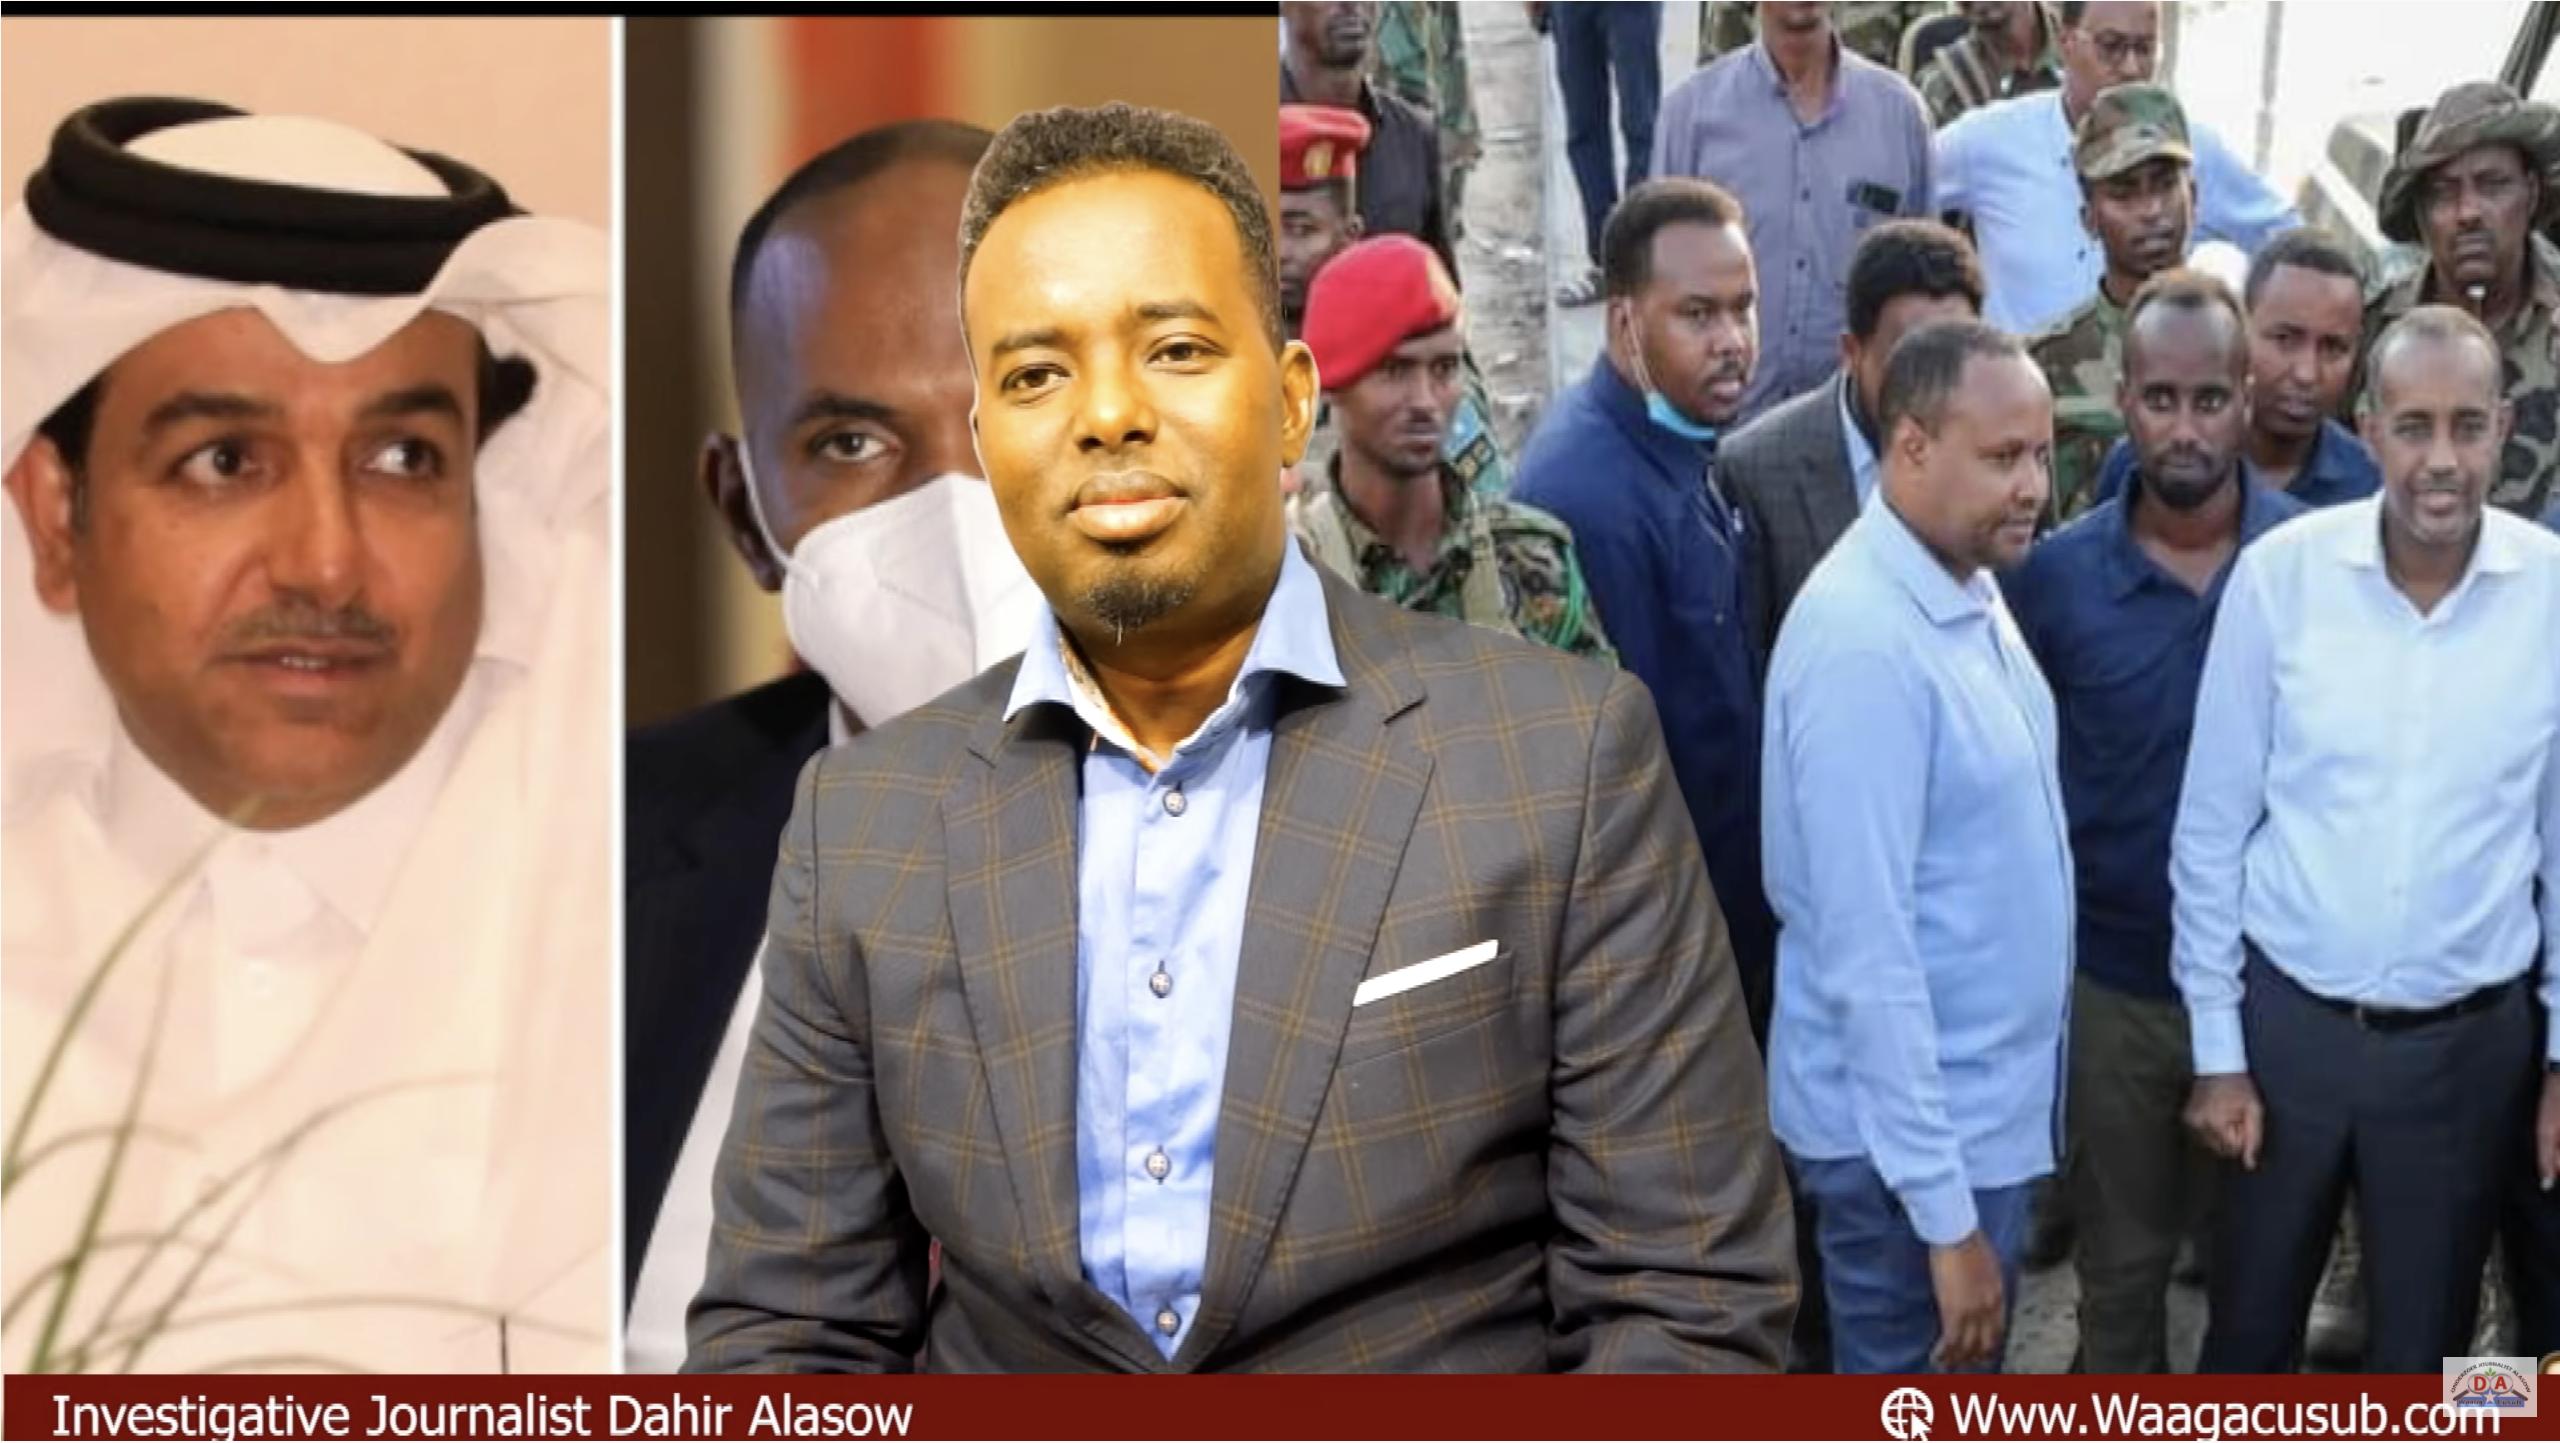 [Daawo] guusha Rooble iyo Qatar oo Farmaajo ku qasabtay inuu ka laabto dacwadda badda Somalia